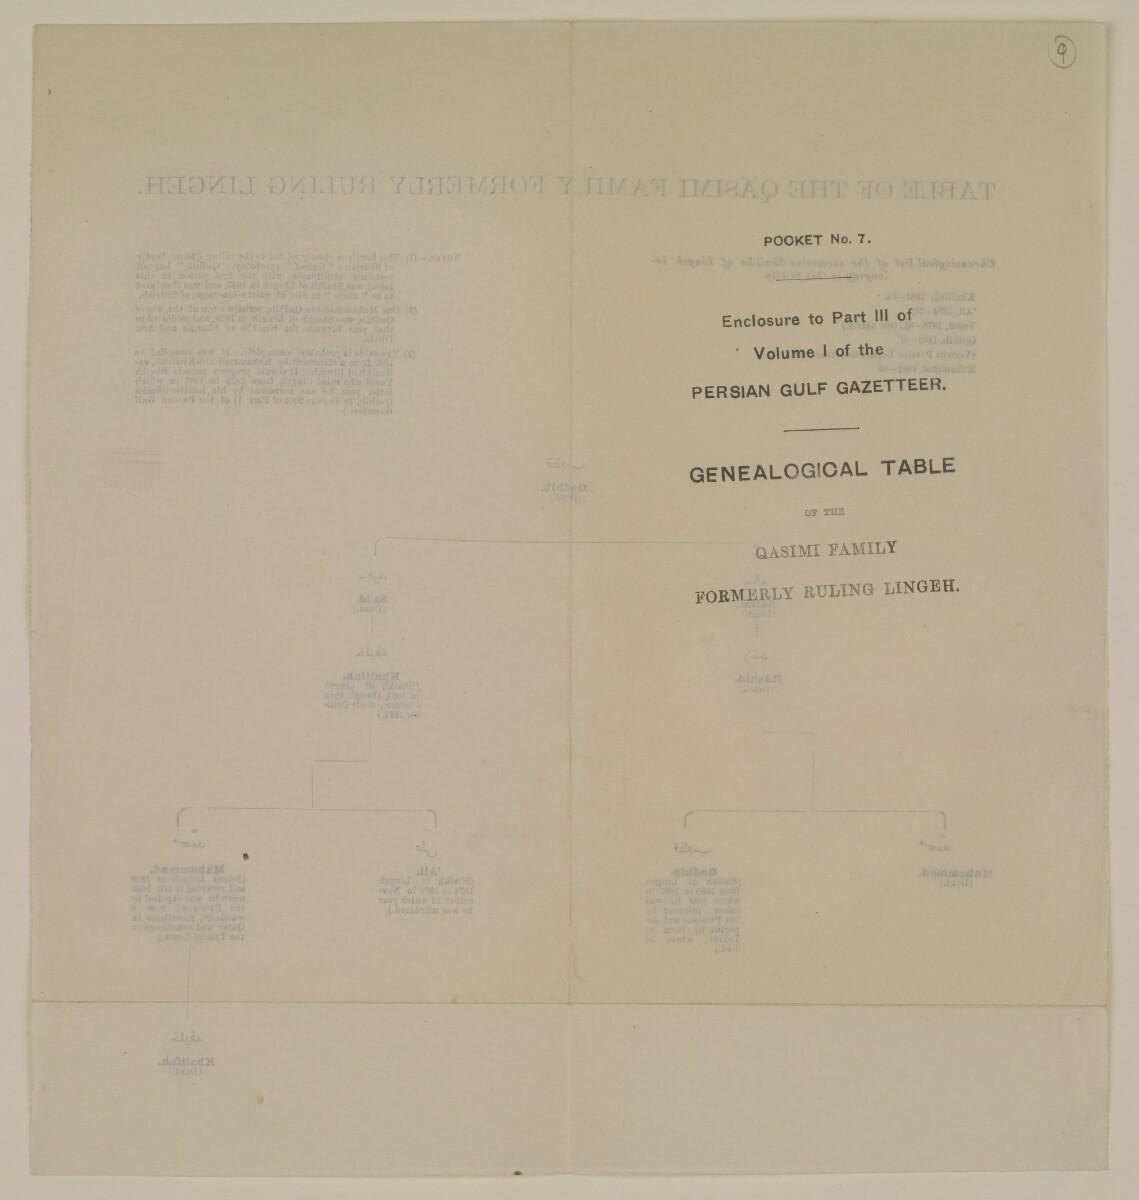 """""""الجيب رقم ٧: مرفق بالجزء الثالث من المجلد الأول من دليل الخليج: جدول أنساب أسرة القاسمي التي كانت تحكم لنجه سابقاً"""" [<span dir=""""ltr"""">و٩</span>] (٢/١)"""